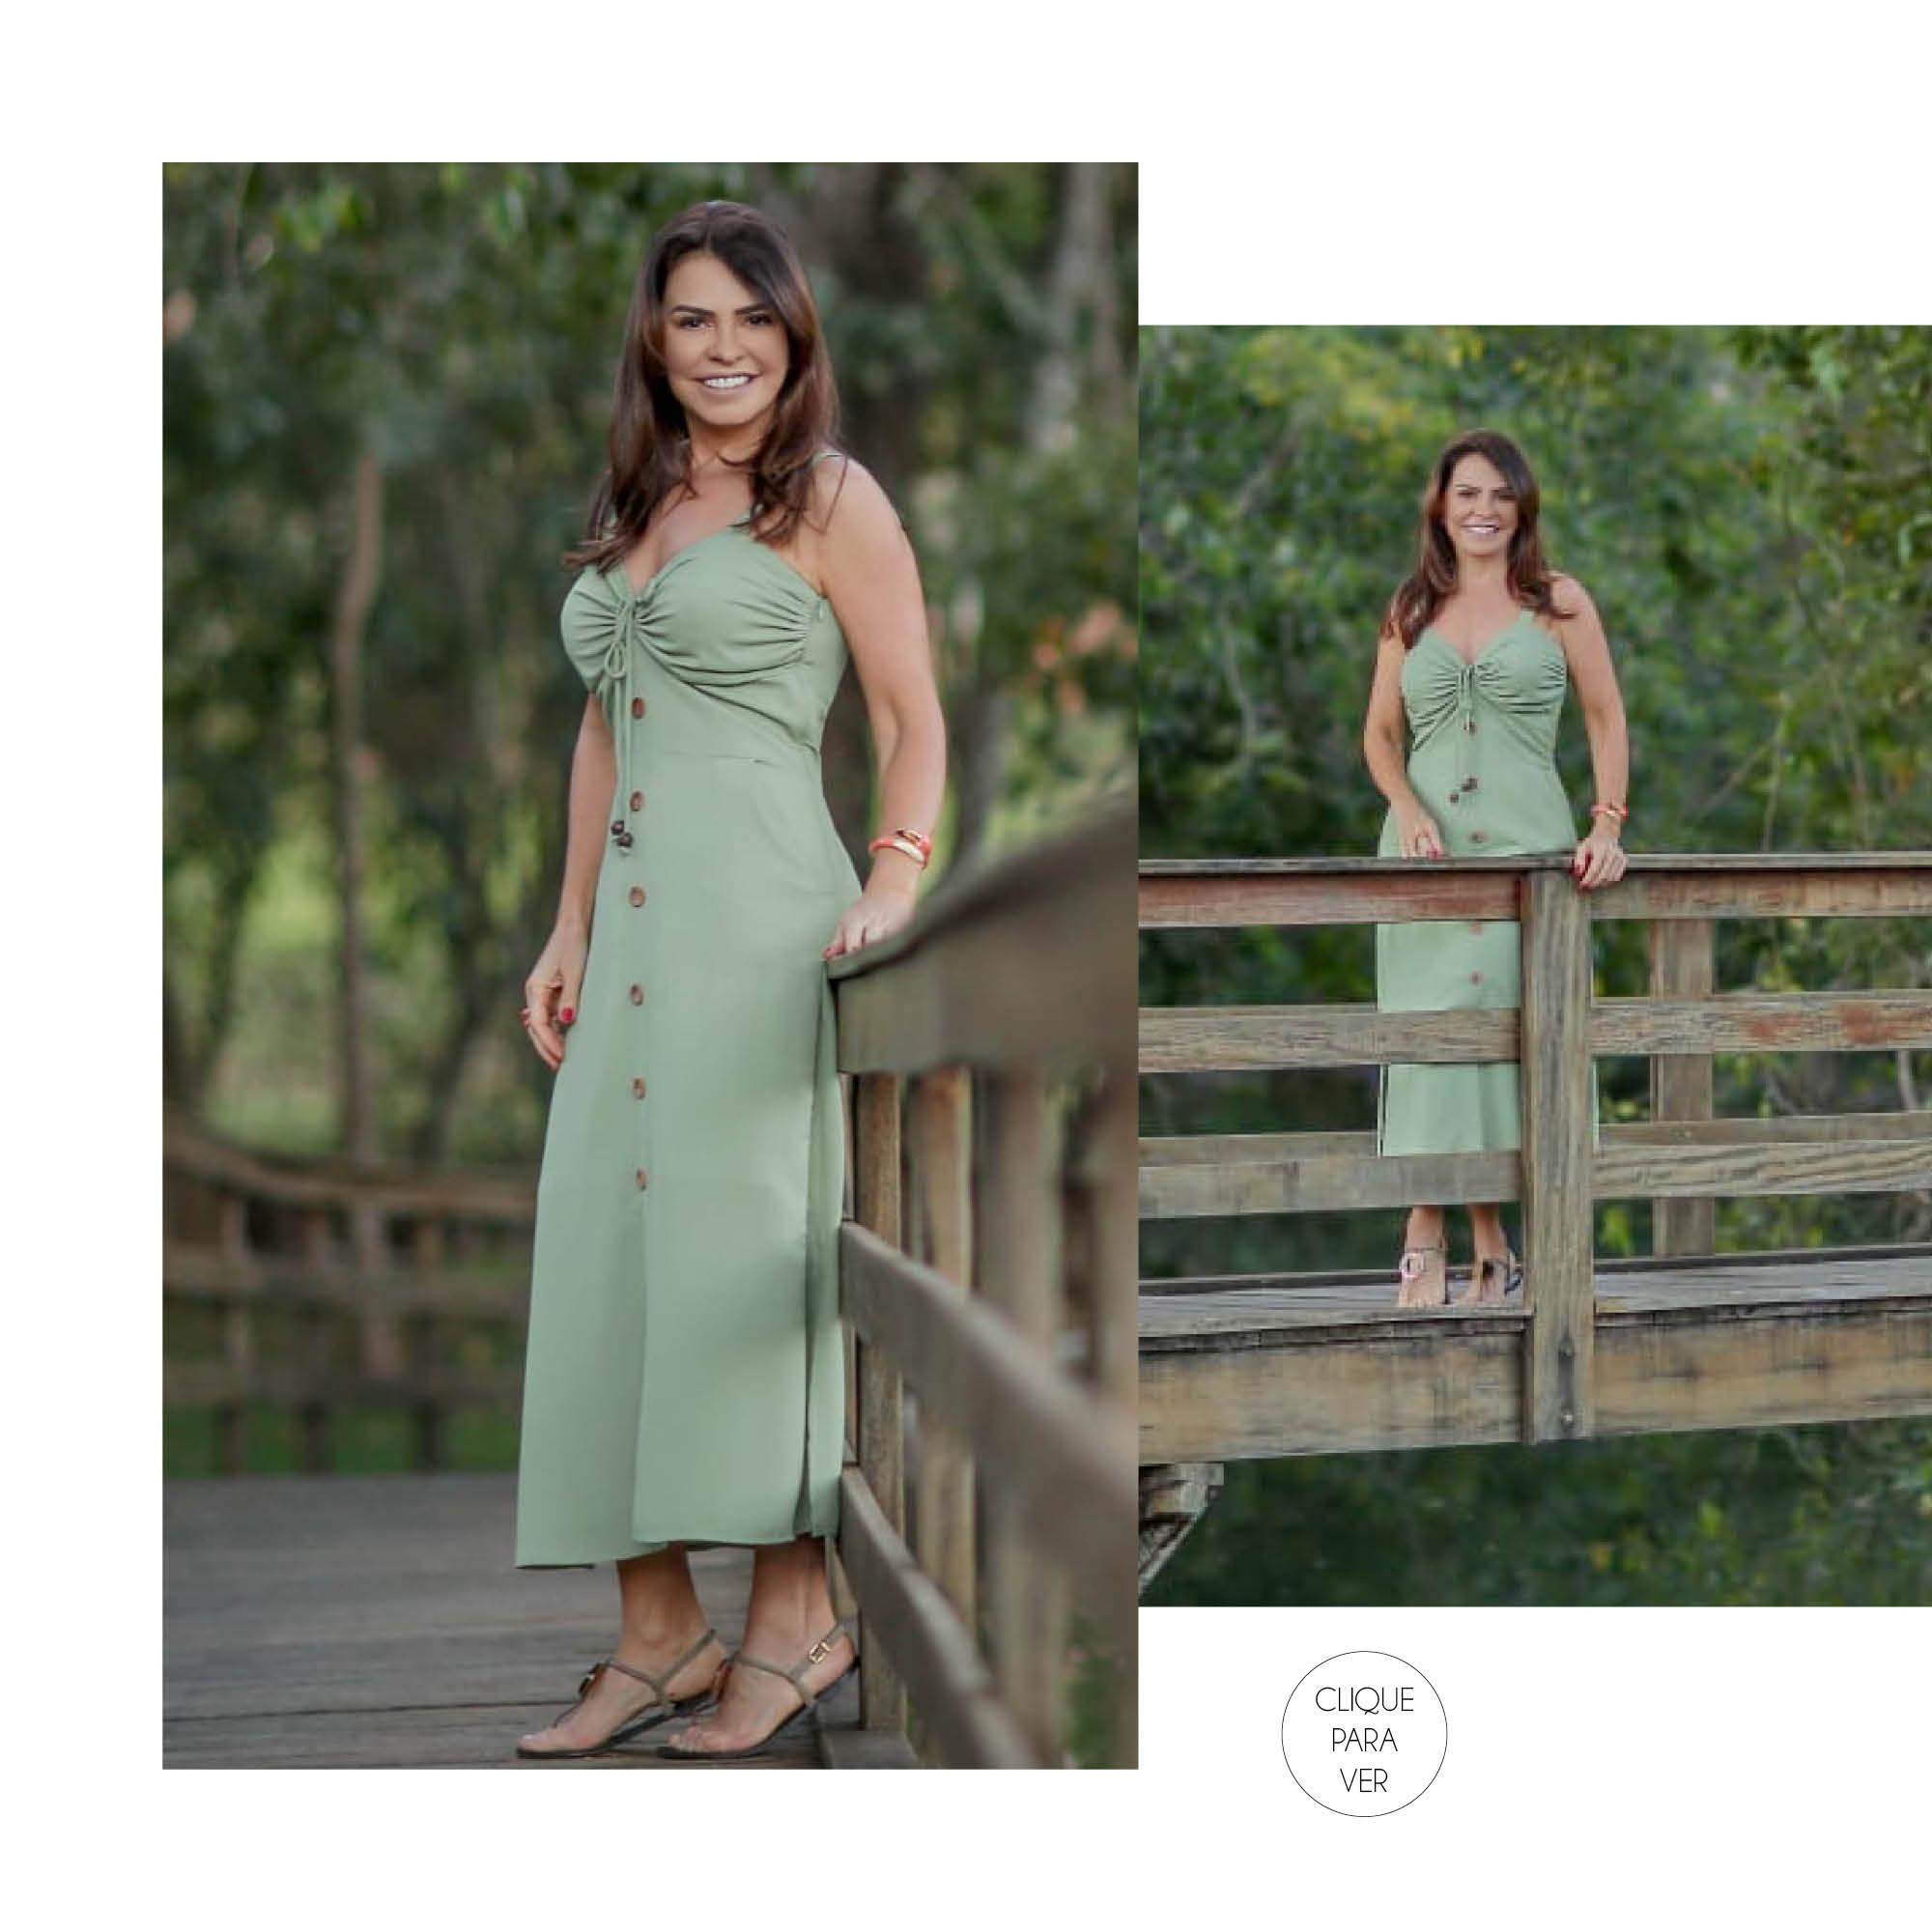 Vestido longo com detalhes em madeira na cor verde.